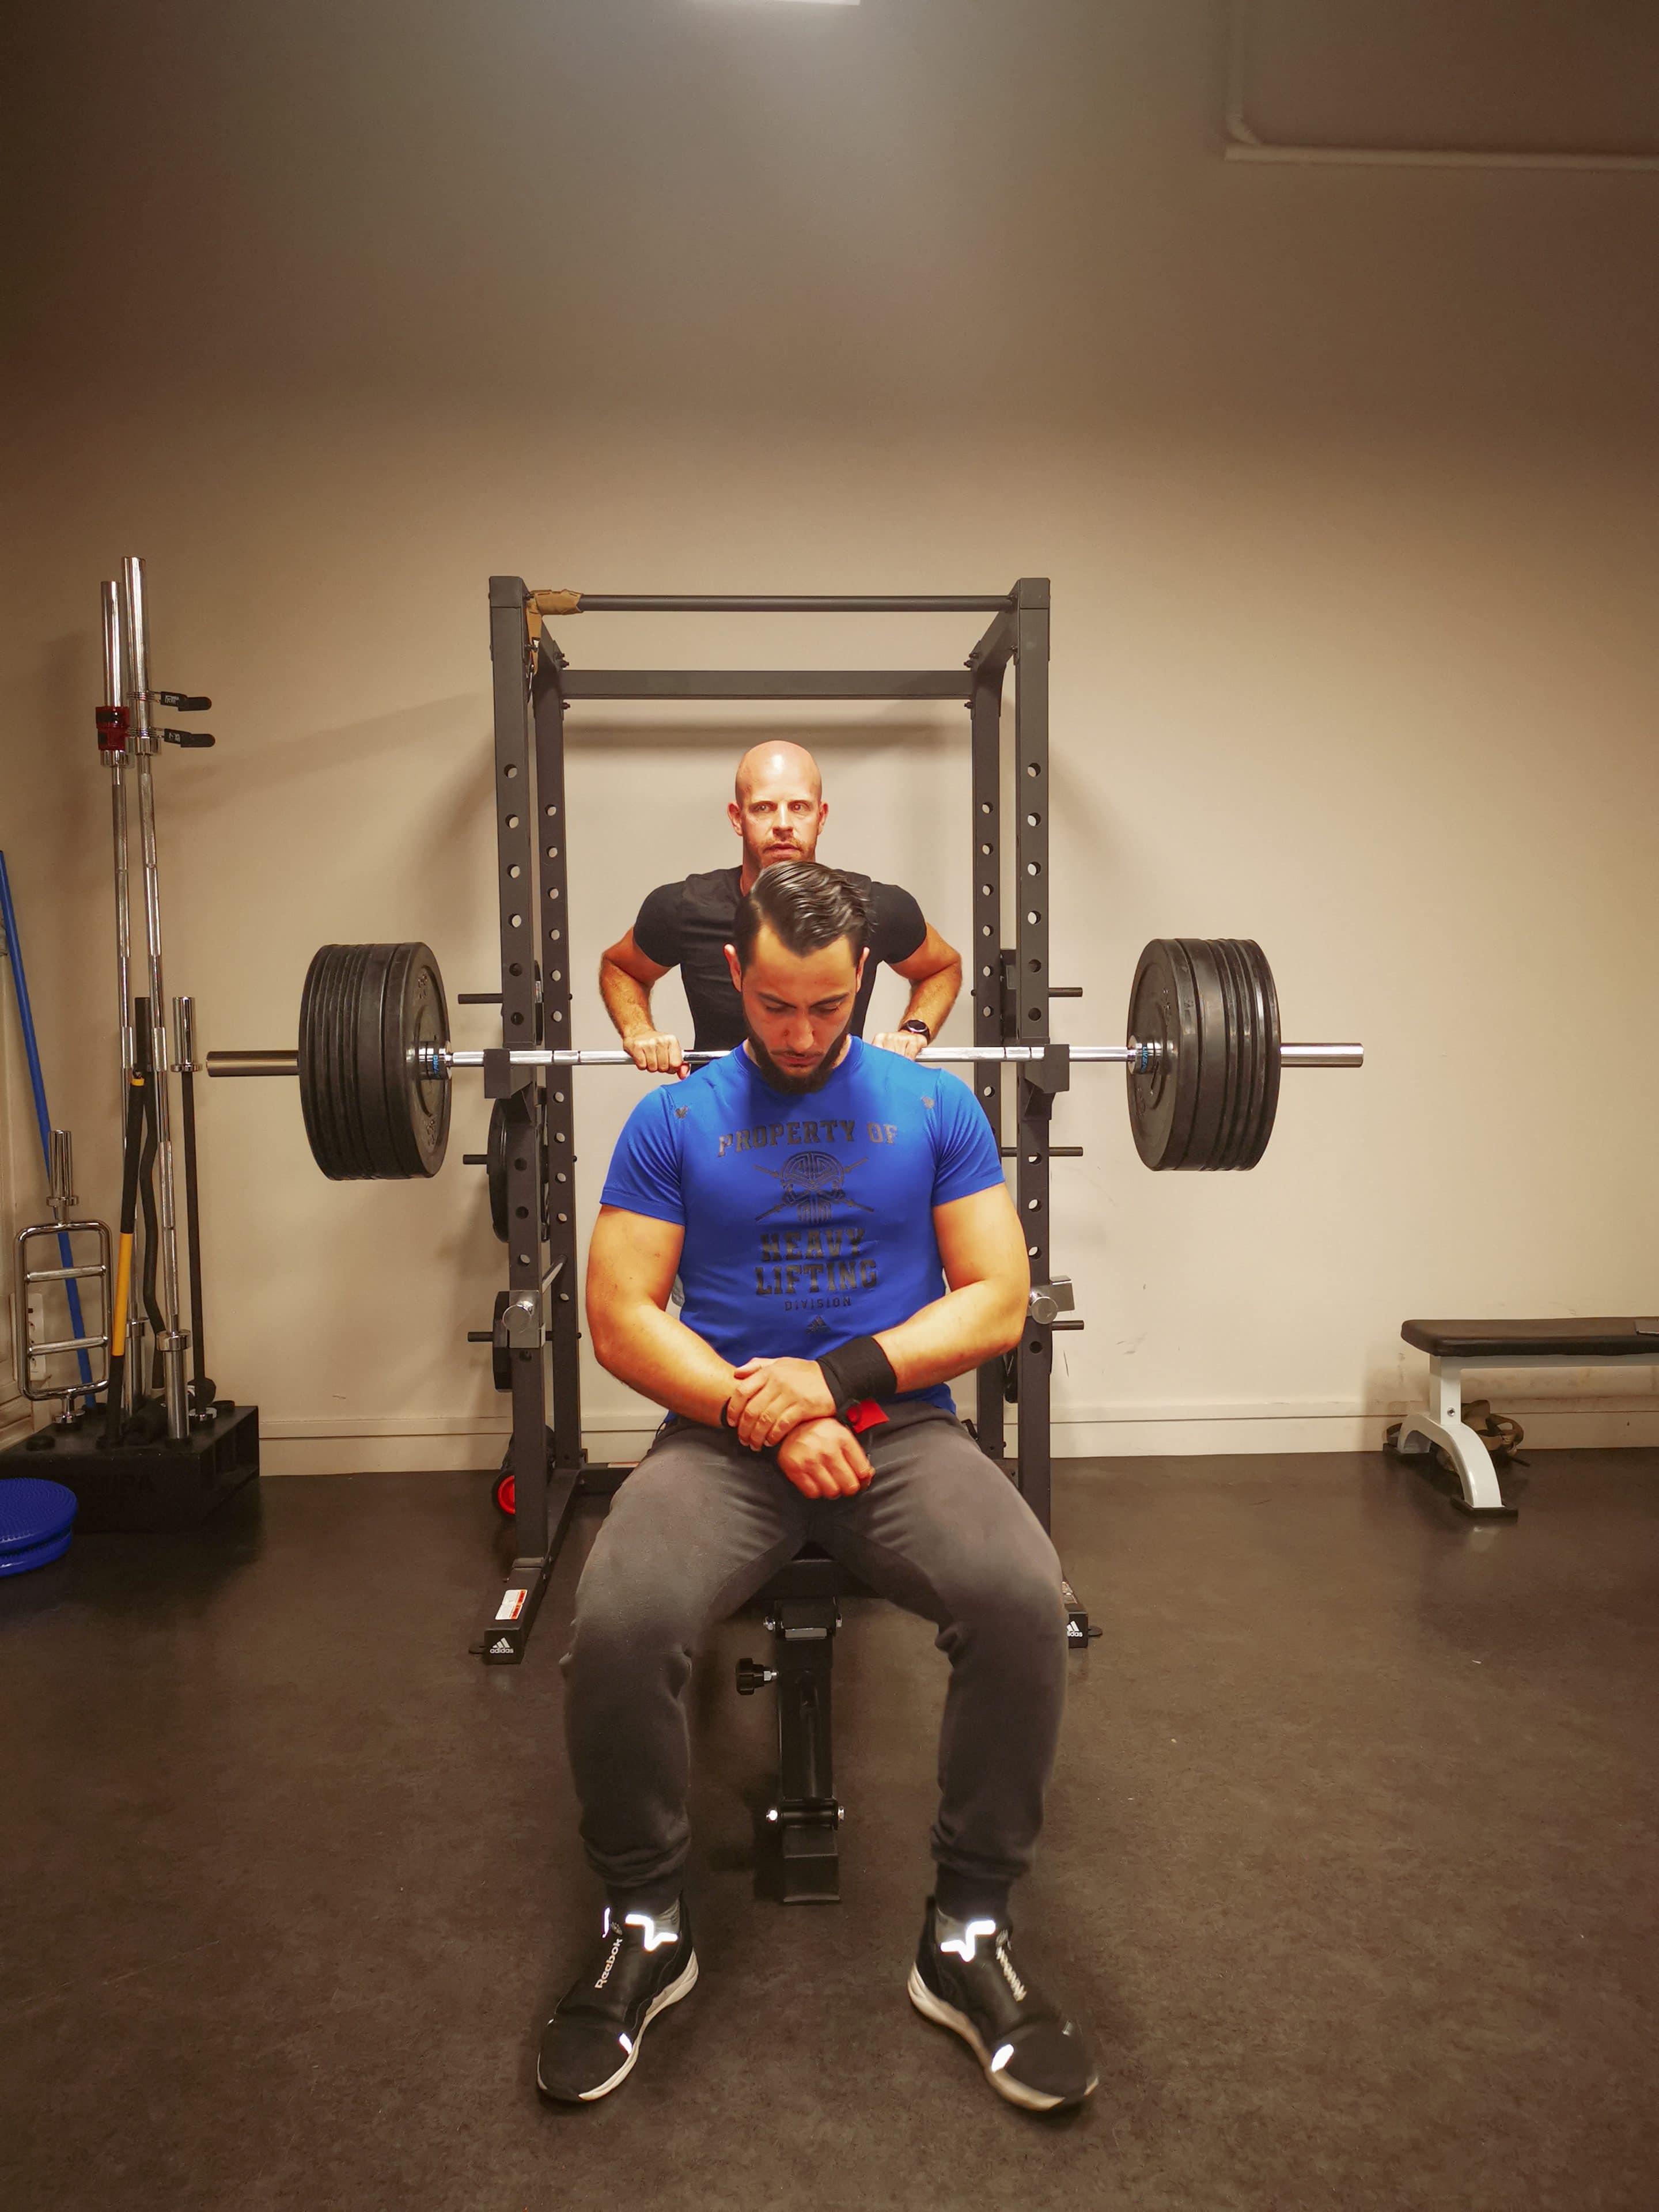 matériel pour prise de masse musculaire